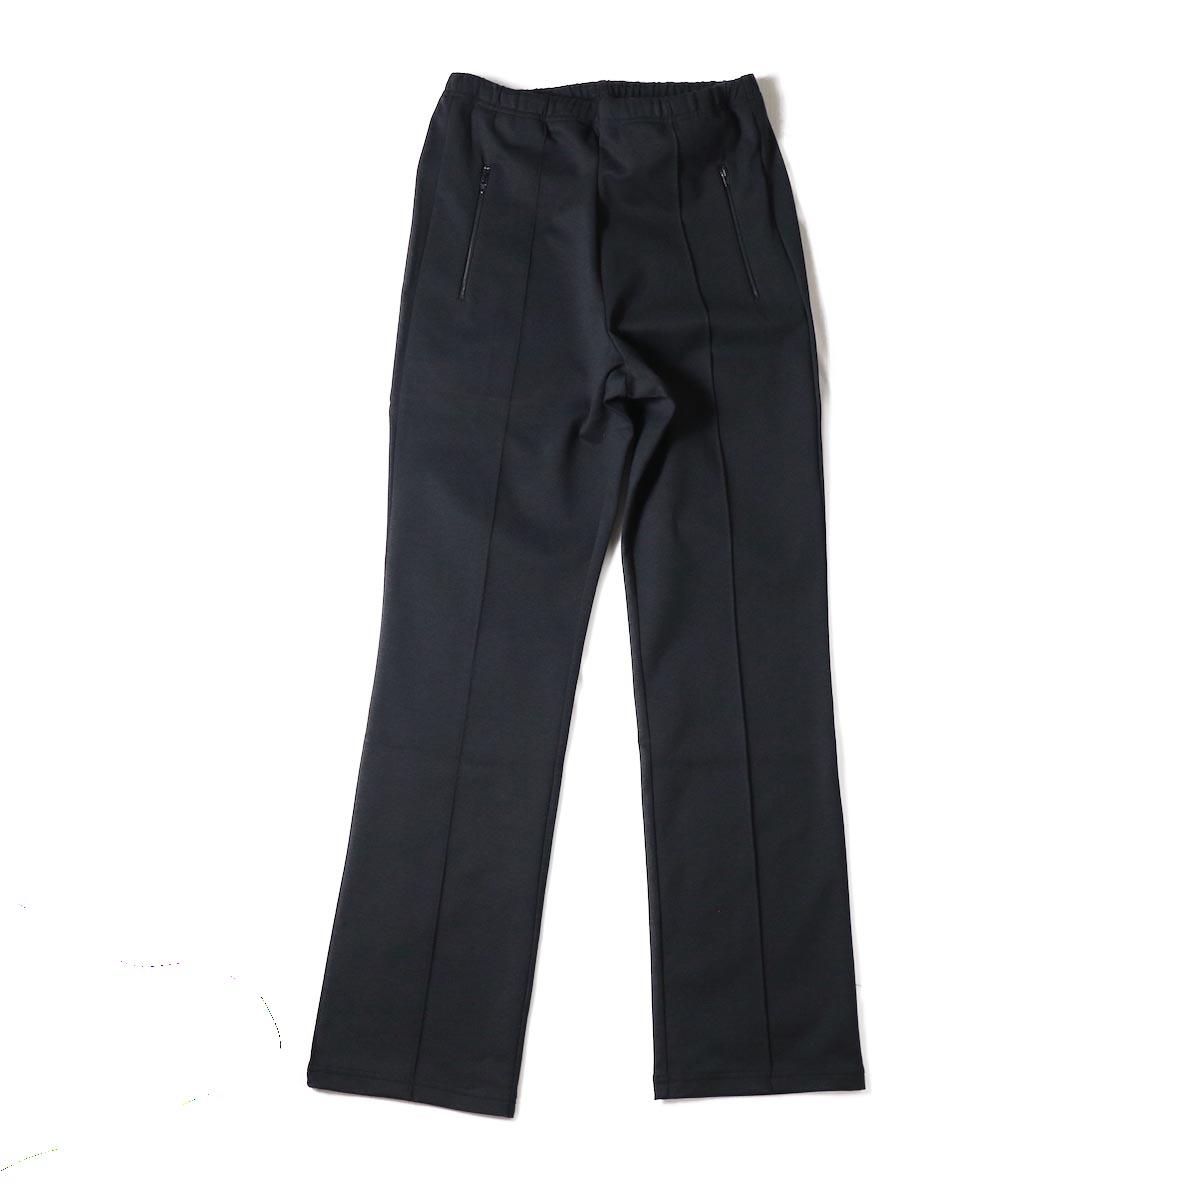 UNUSED / UW0721 Track Pant -Black